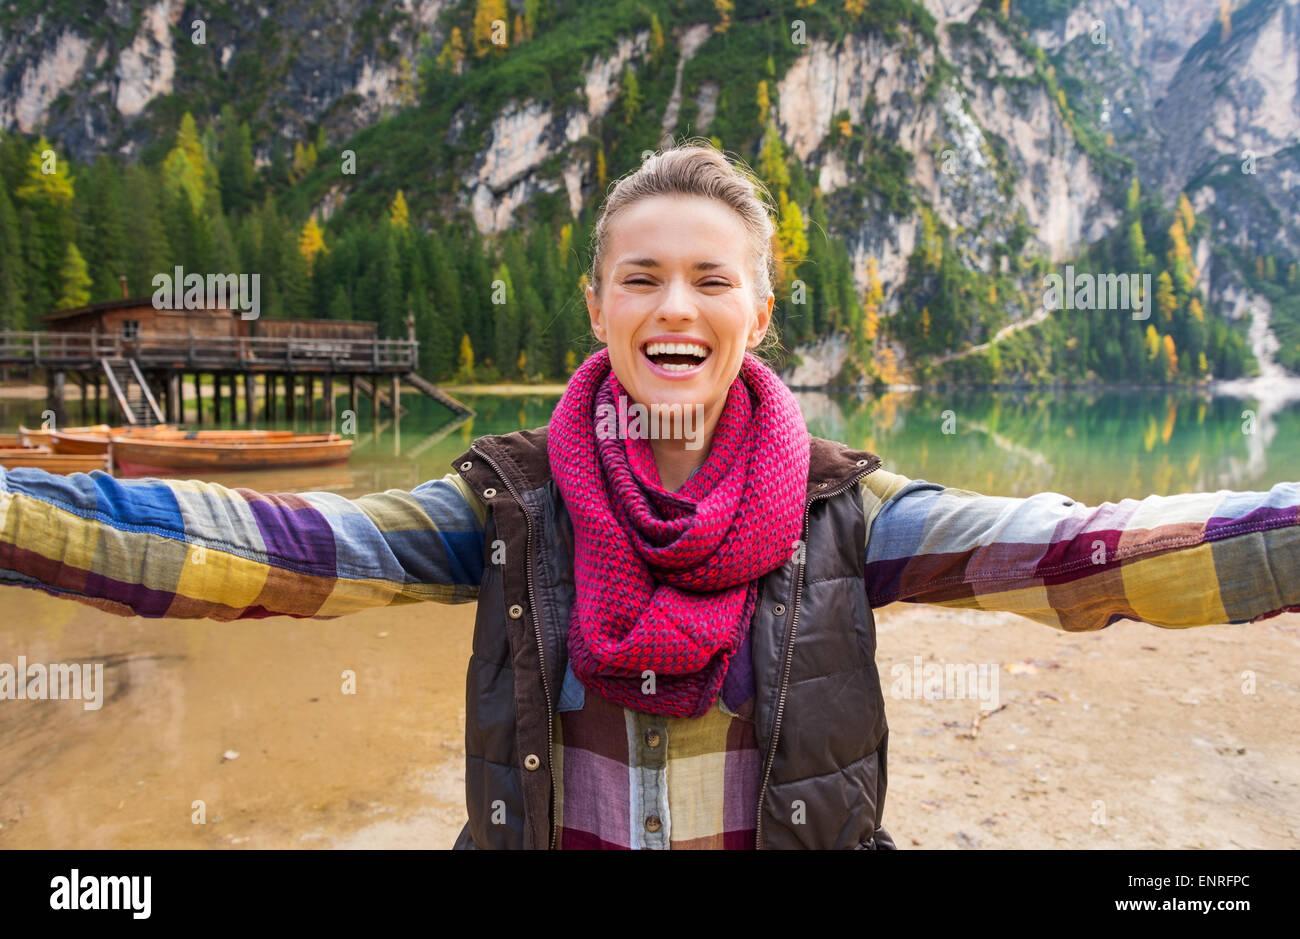 Eine Brünette tragen Outdoor-Ausrüstung ist Lachen und Lächeln während der Einnahme von Selfie. Stockbild